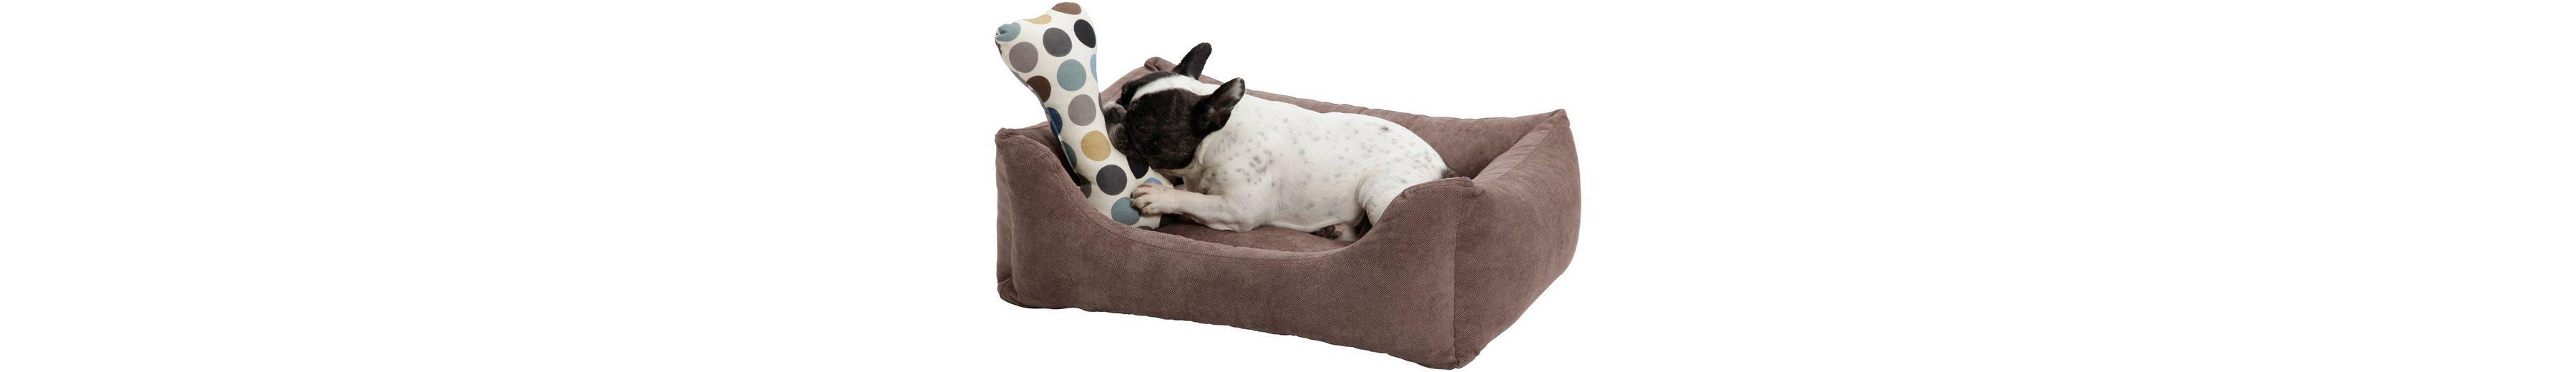 Hundebett und Katzenbett »Madison«, B/T/H: 60/40/25 cm, Braun